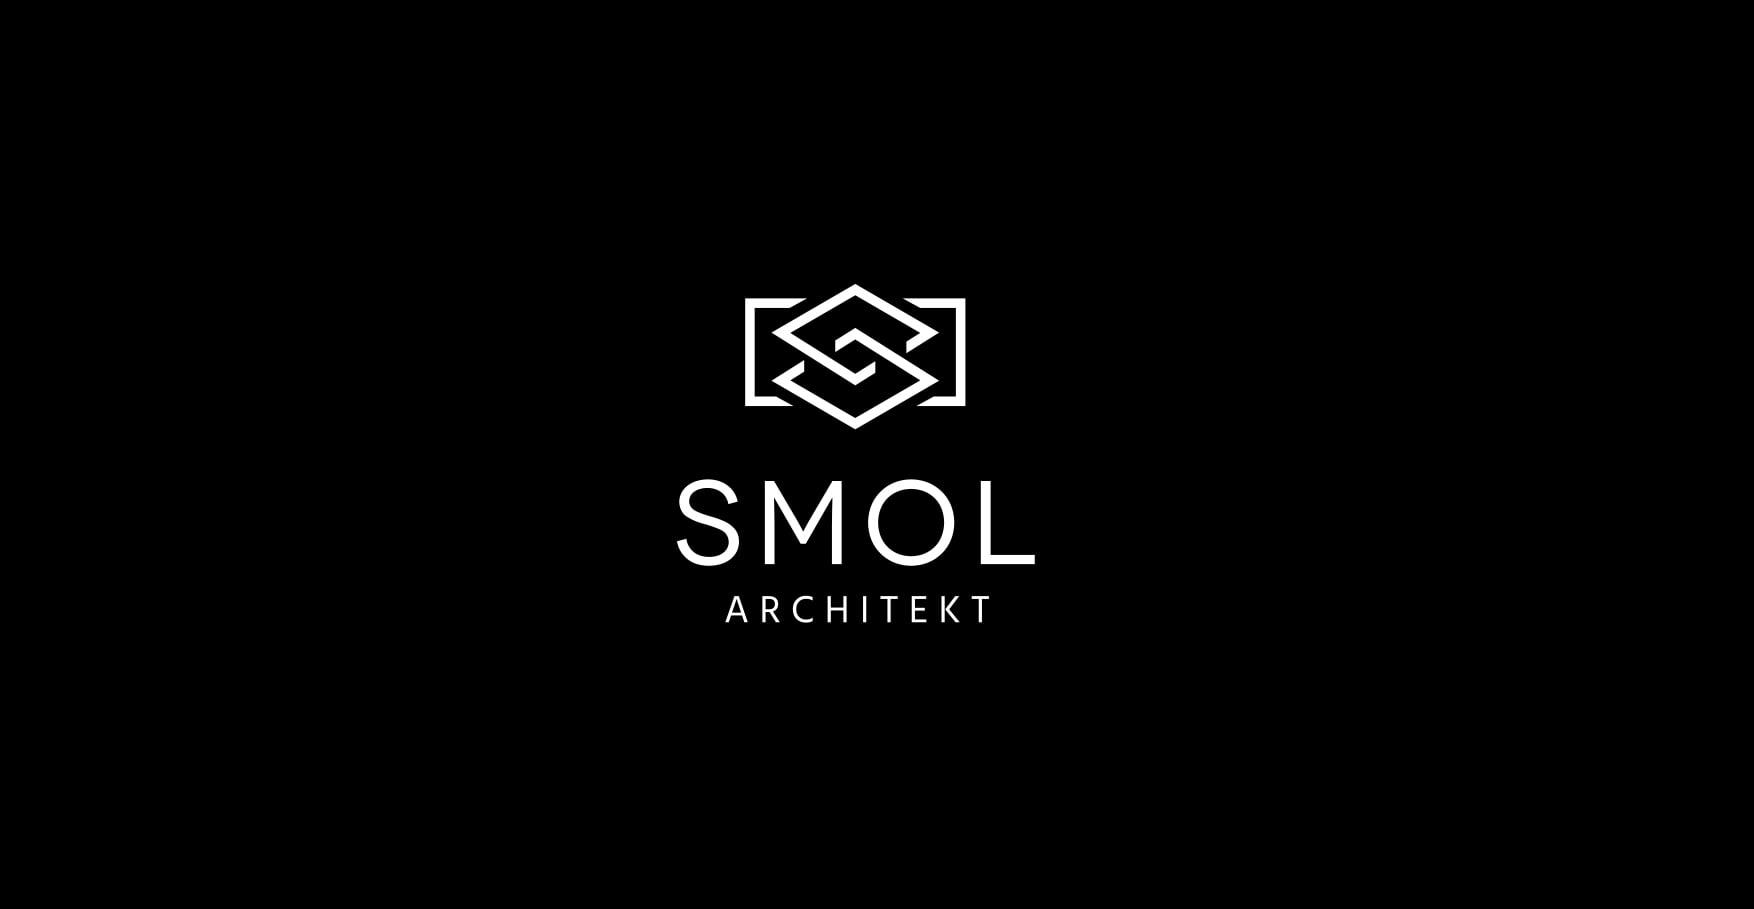 Smol Architekt